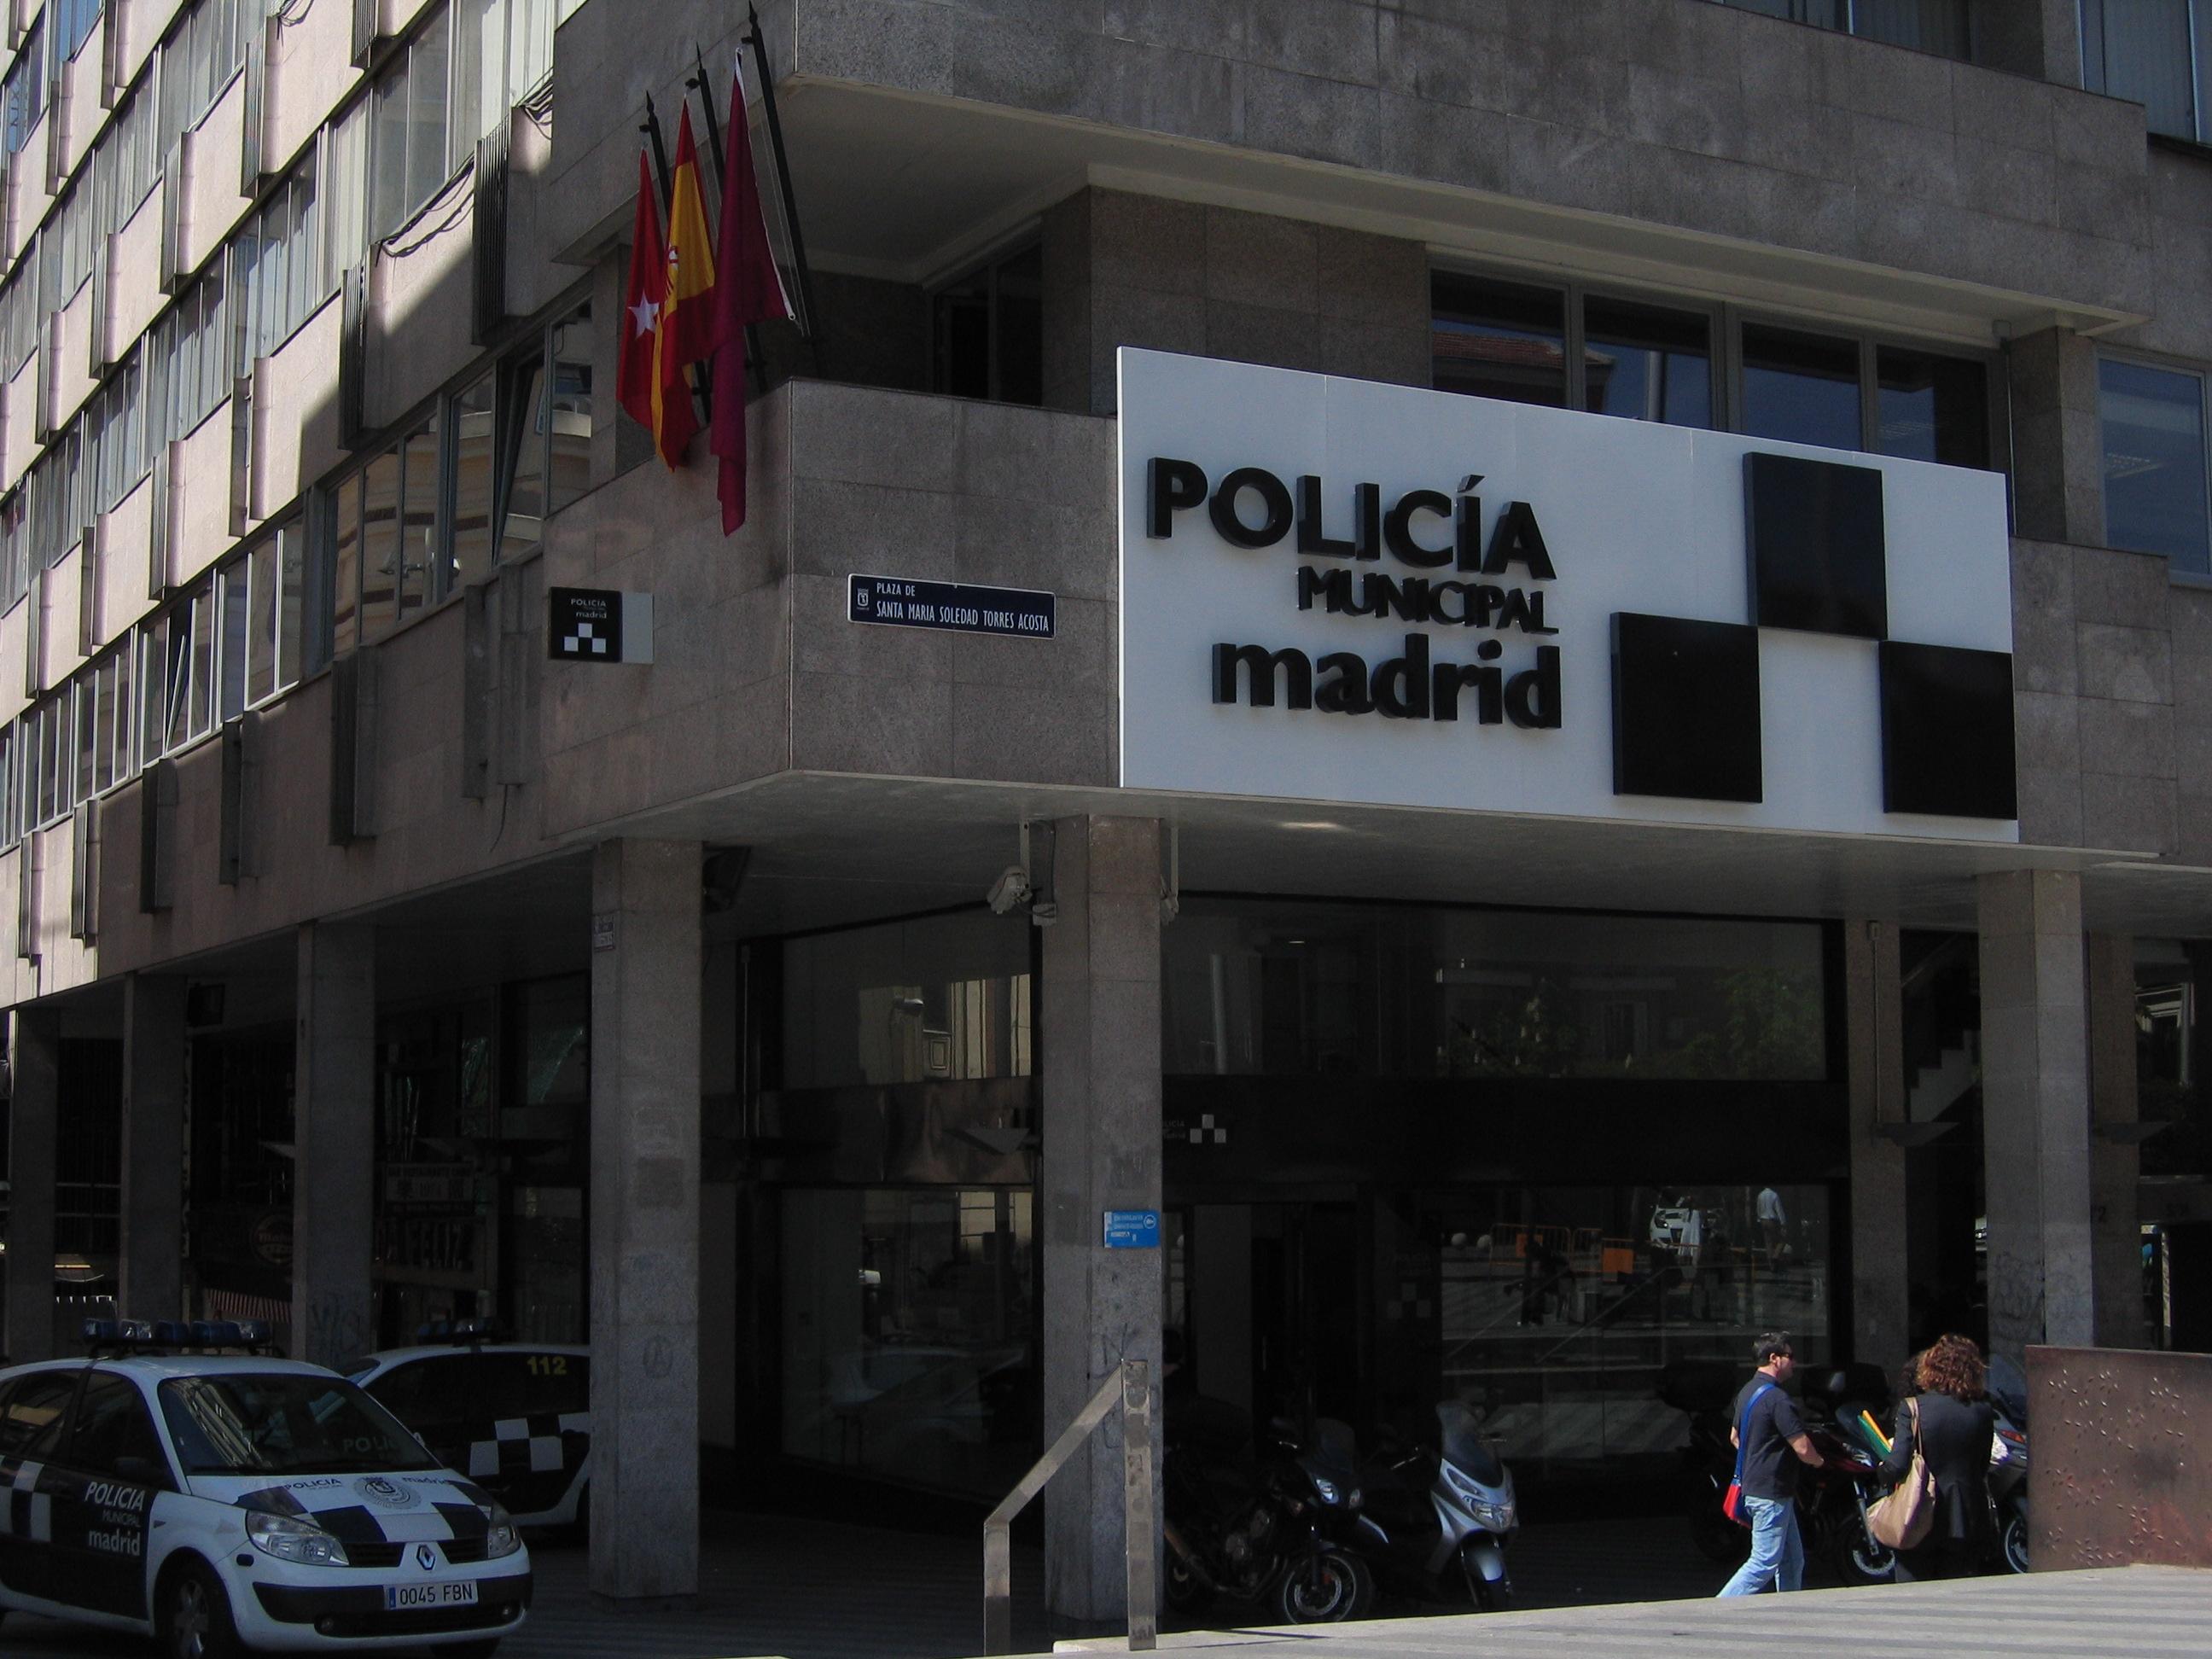 Oficina de atenci n al ciudadano oac polic a municipal for Oficina central de correos madrid